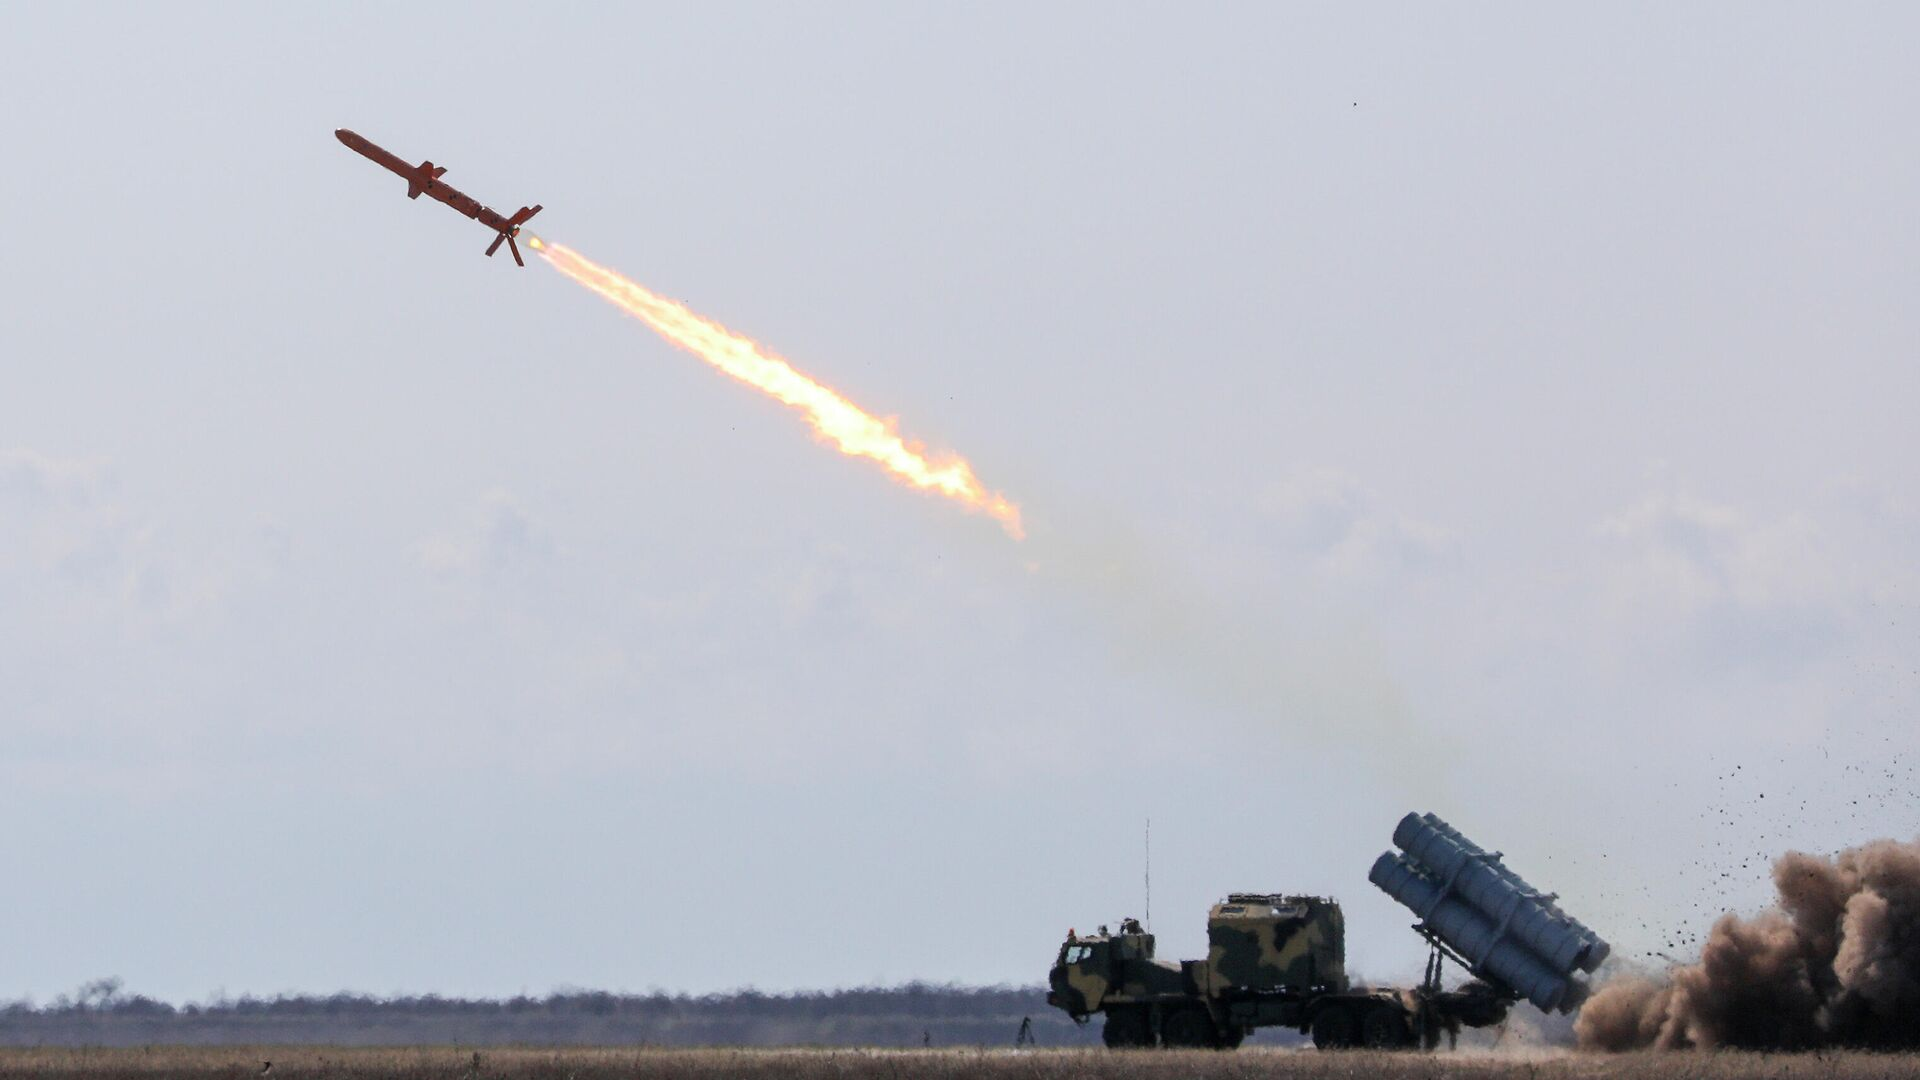 Испытания украинской крылатой ракеты Нептун - РИА Новости, 1920, 07.07.2020